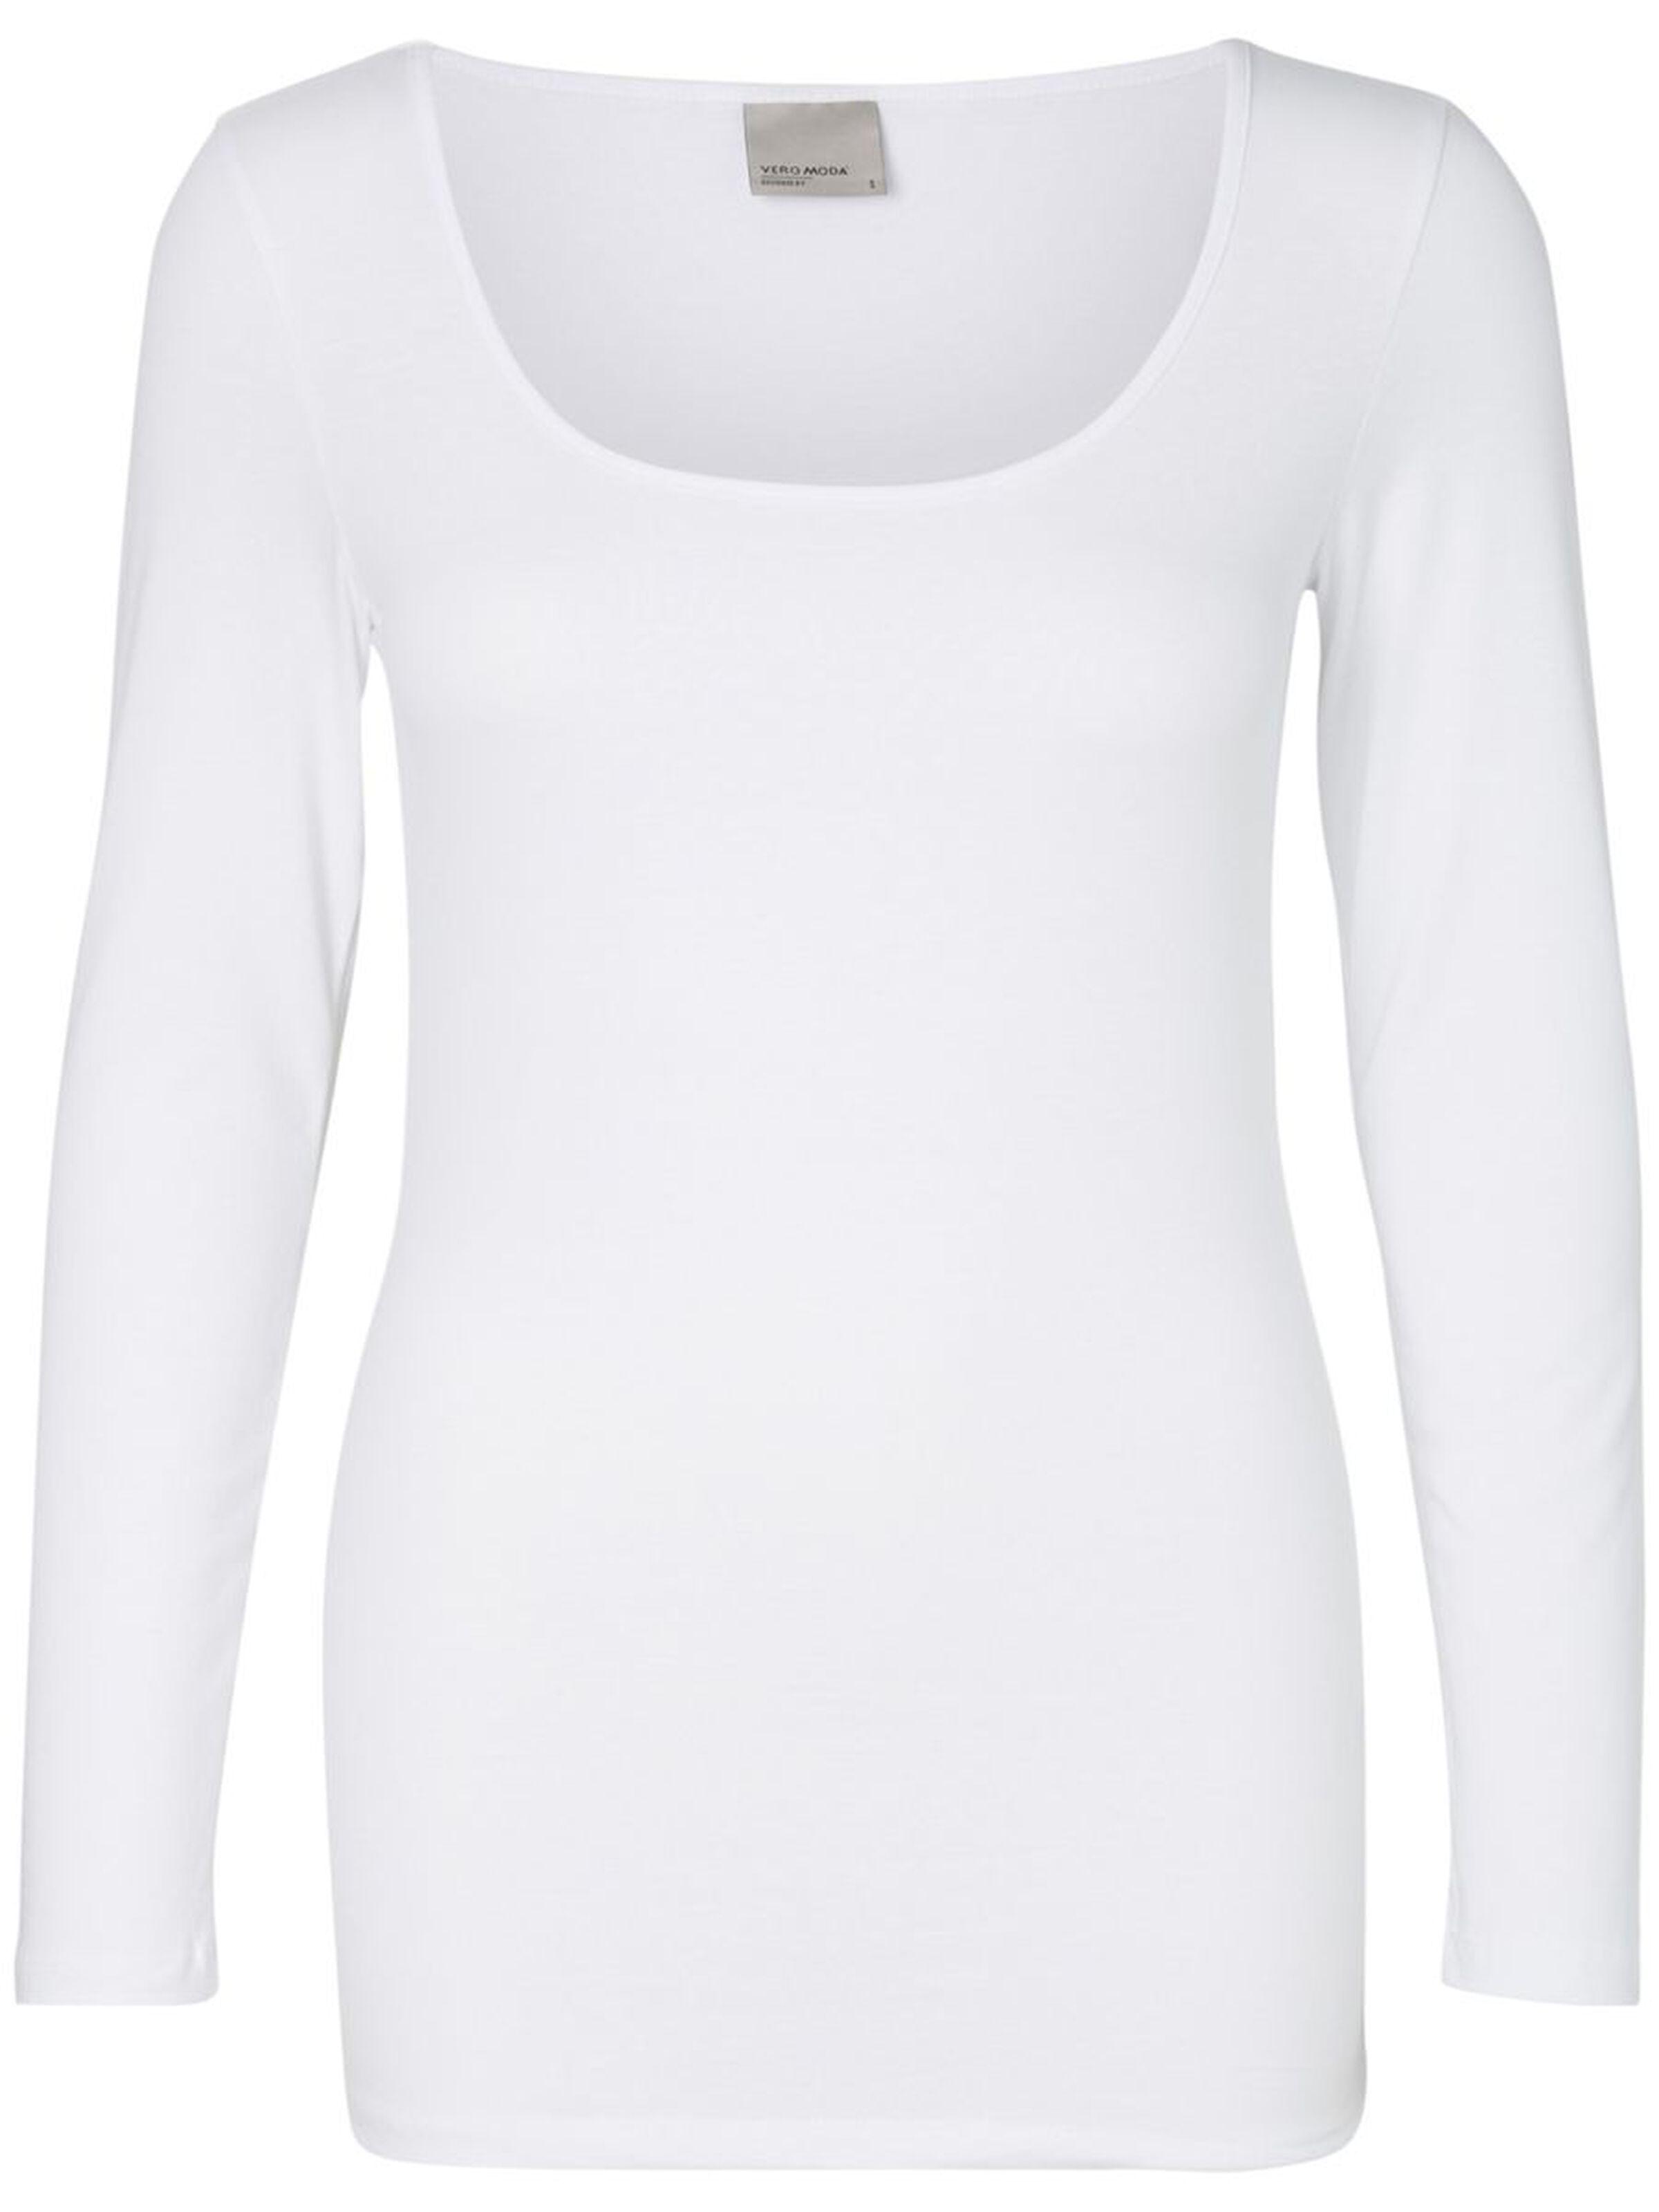 Vero Moda dámské prodloužené triko Maxi dlouhý rukáv bílé